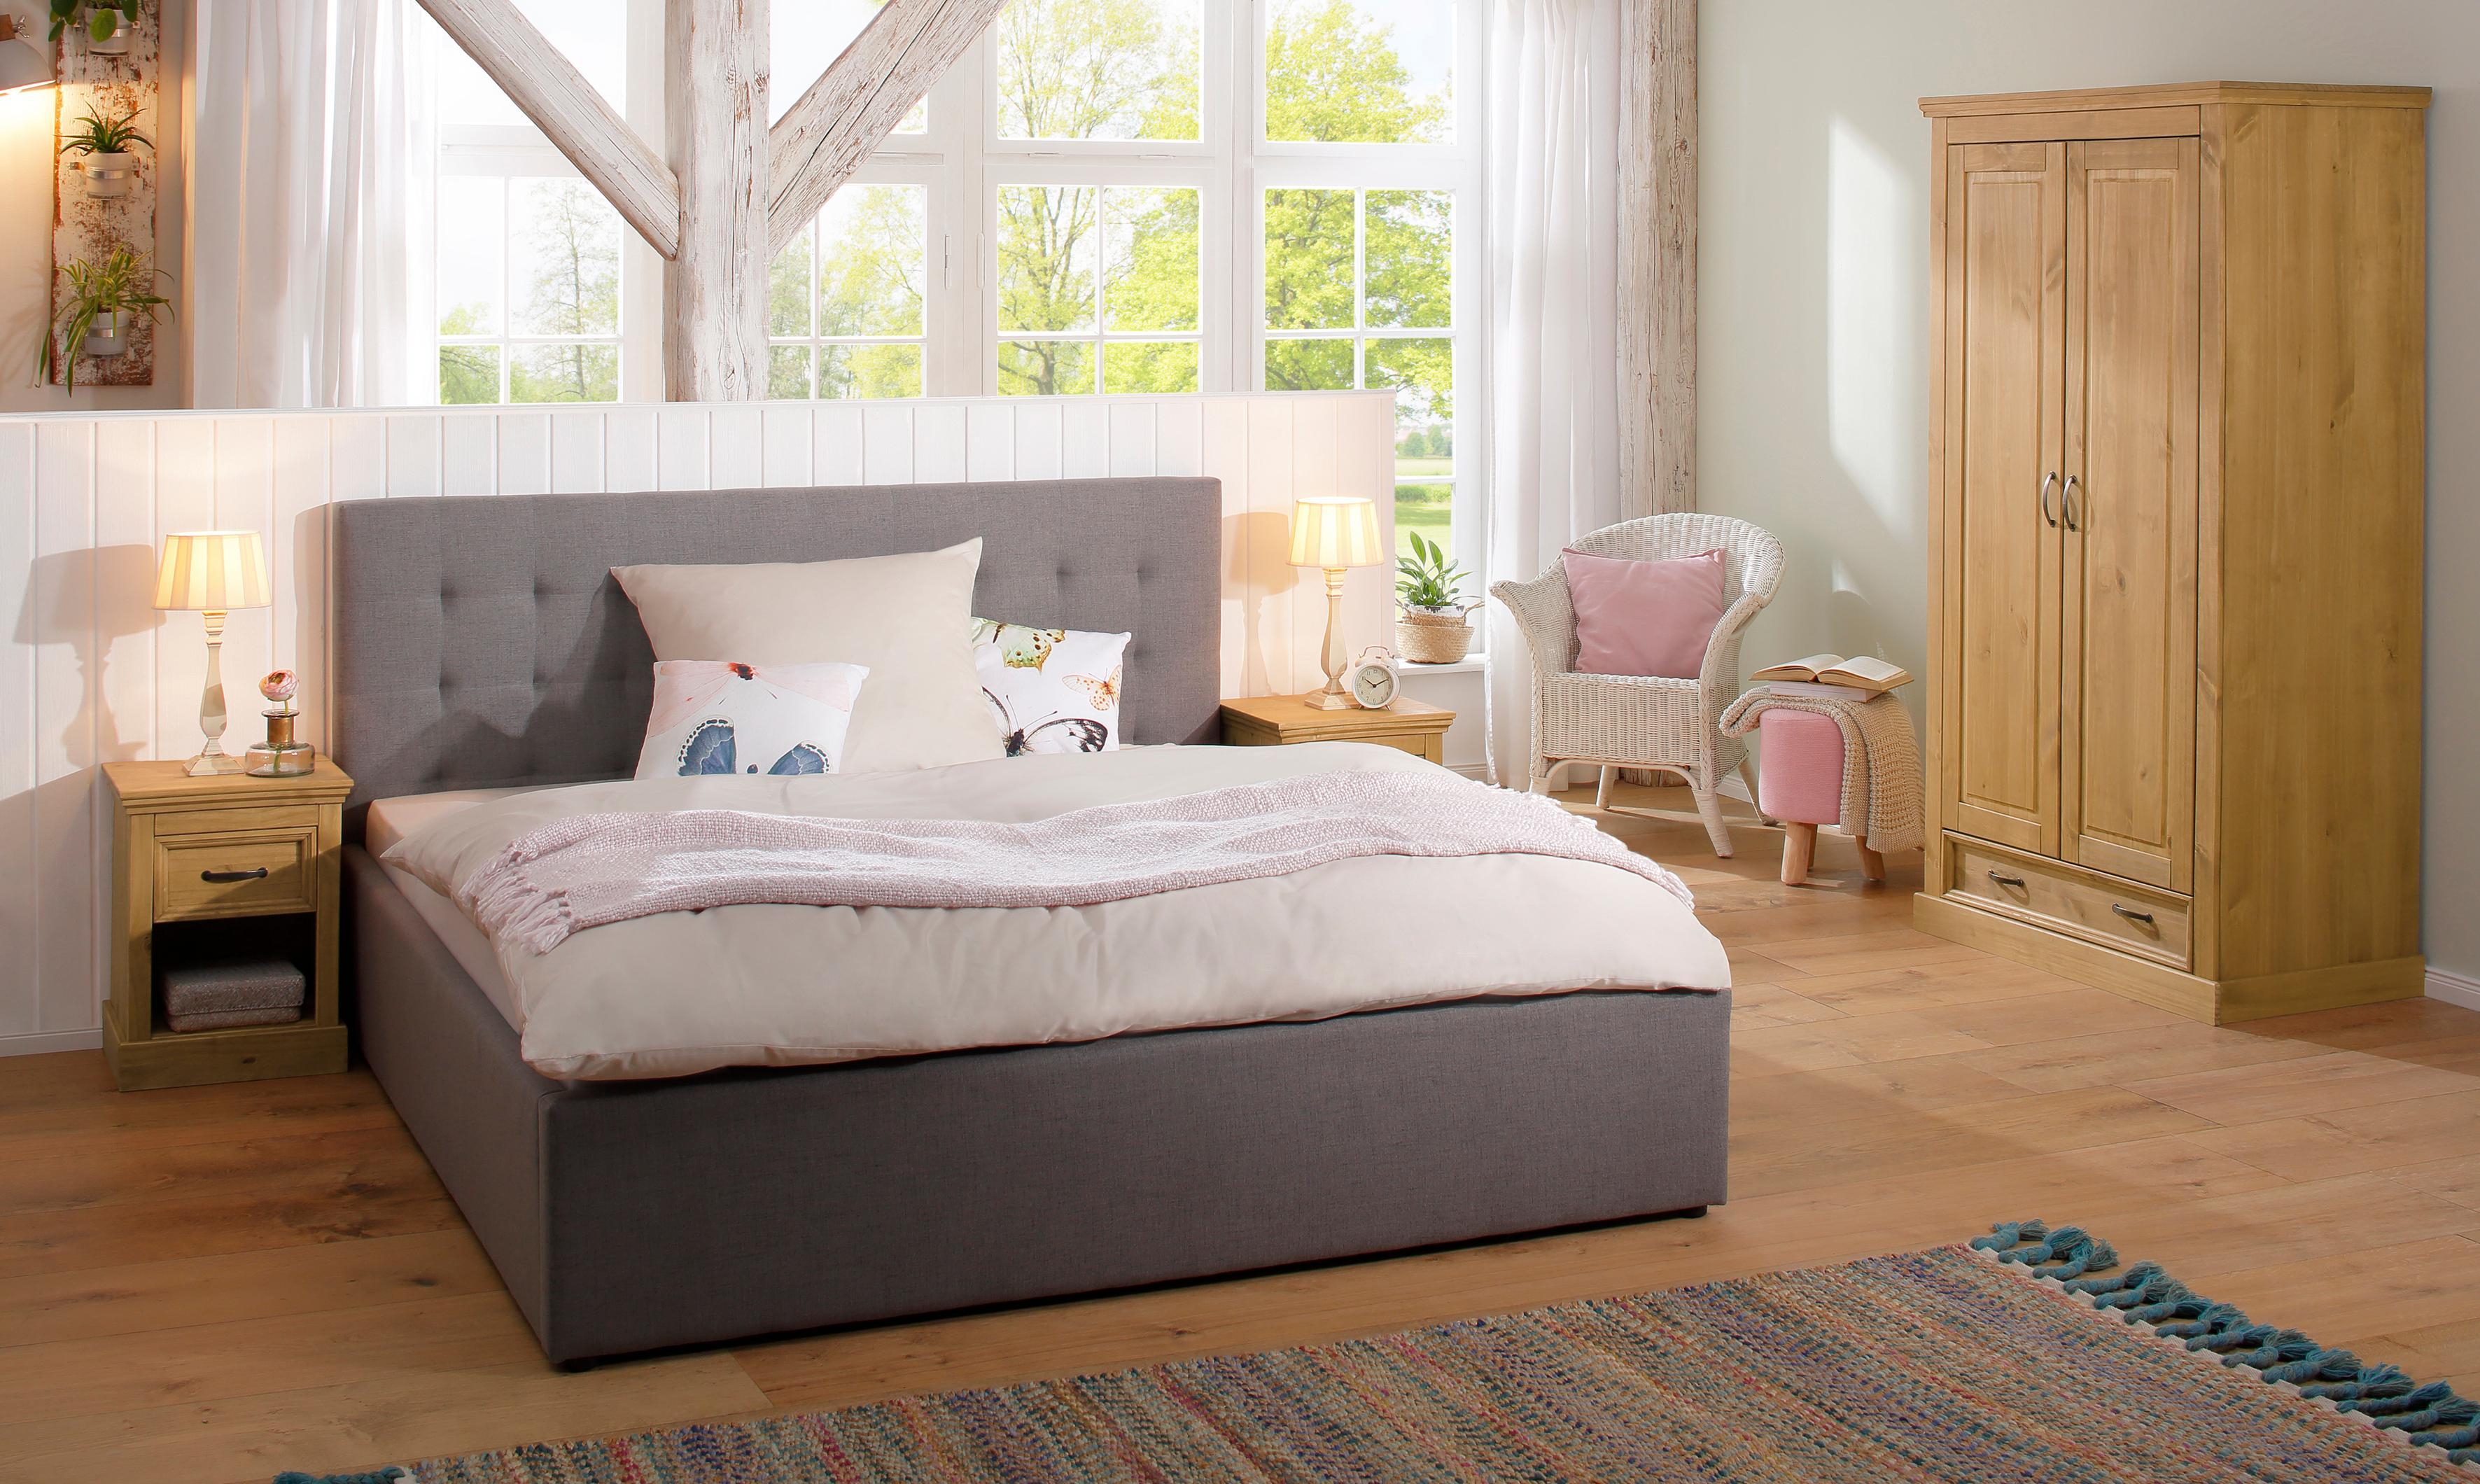 Home Affaire zweitüriger Kleiderschrank »Selma« für das Schlafzimmer, aus  massiven Holz, Höhe 190 cm